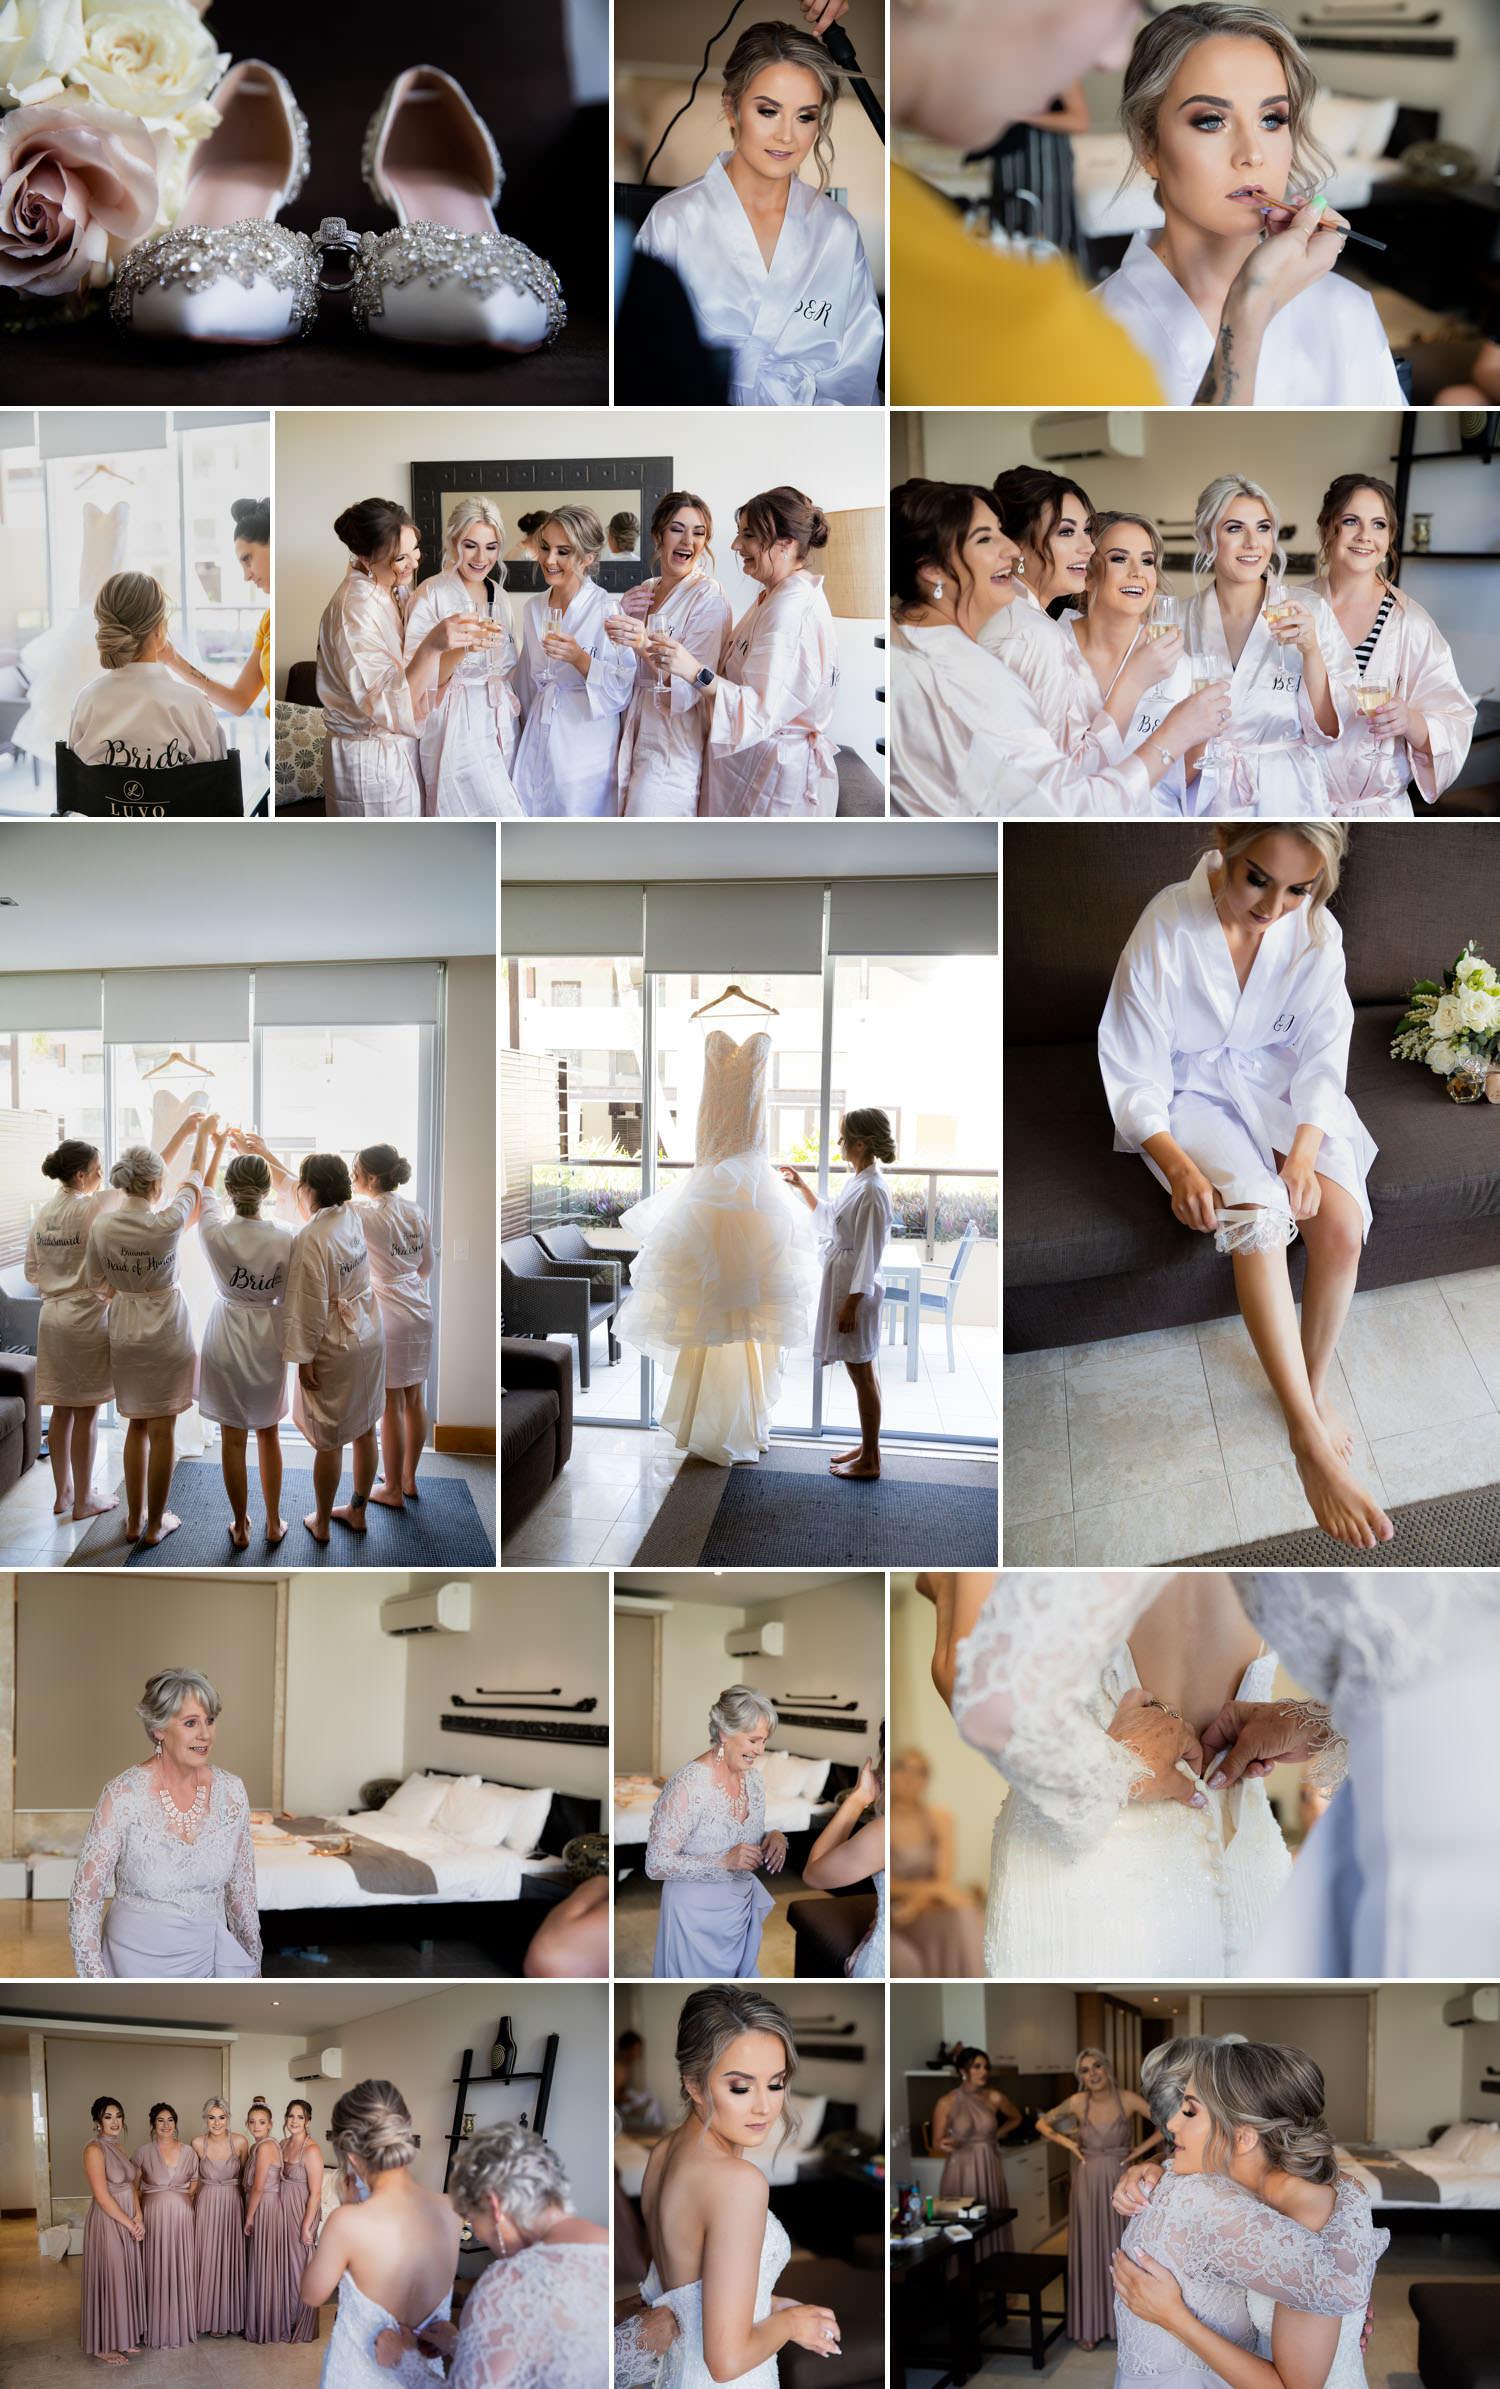 Bride Preparation Photographs for Osteria Wedding